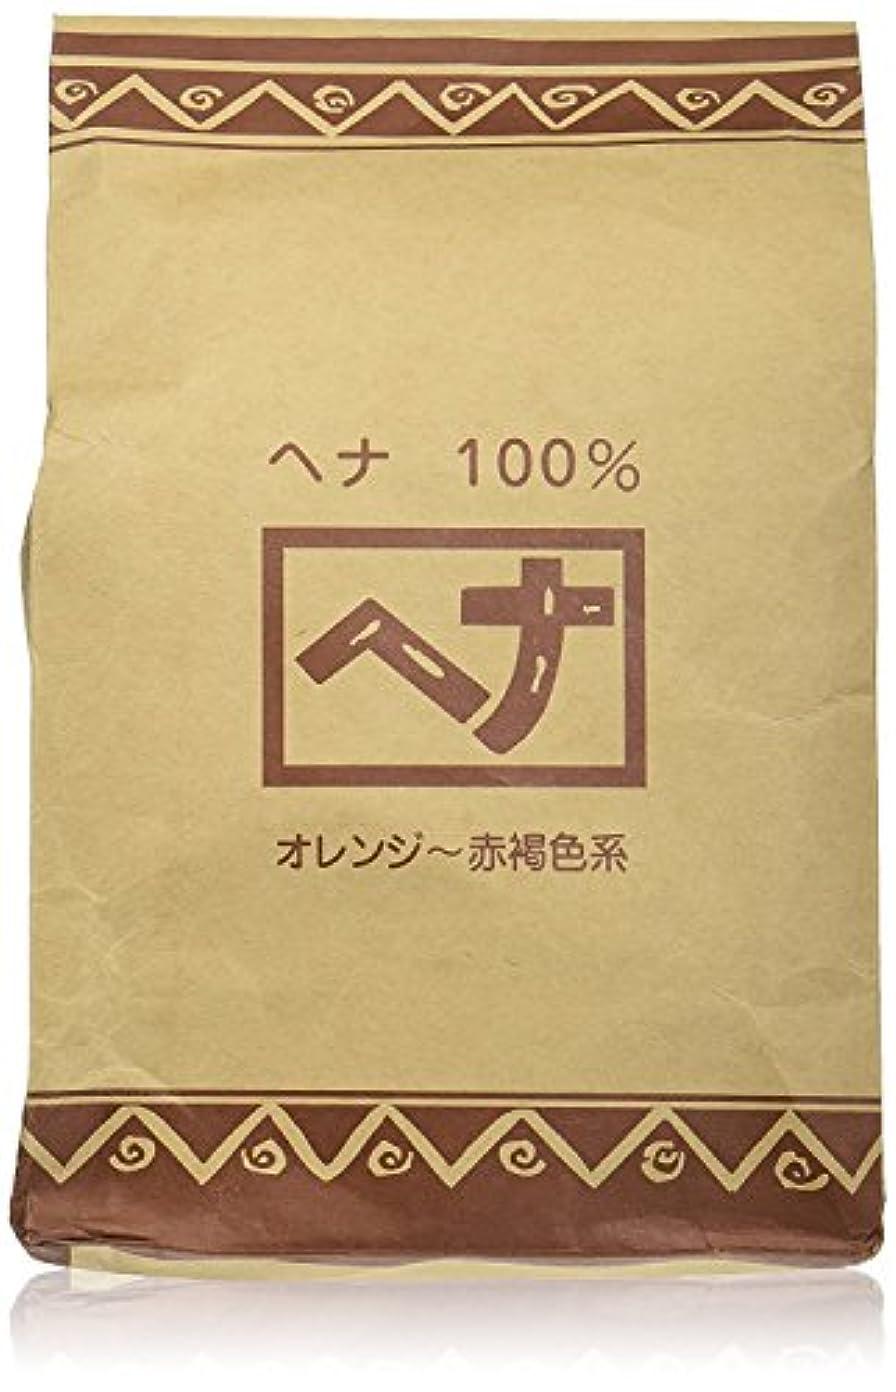 新聞ブリッジ異常なNaiad(ナイアード) お徳用 ヘナ100% 100g×4